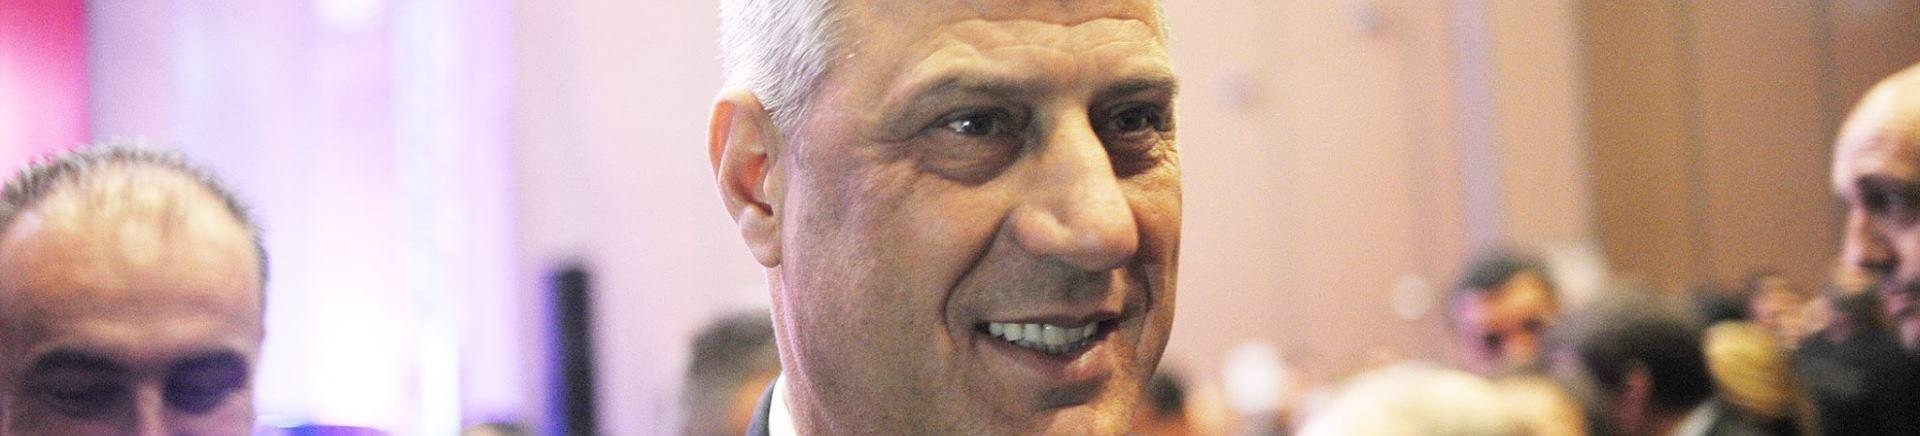 RASPISANA TJERALICA ZBOG NAVODNIH RATNIH ZLOČINA Srbija će uhititi Thacija ako dođe u Beograd